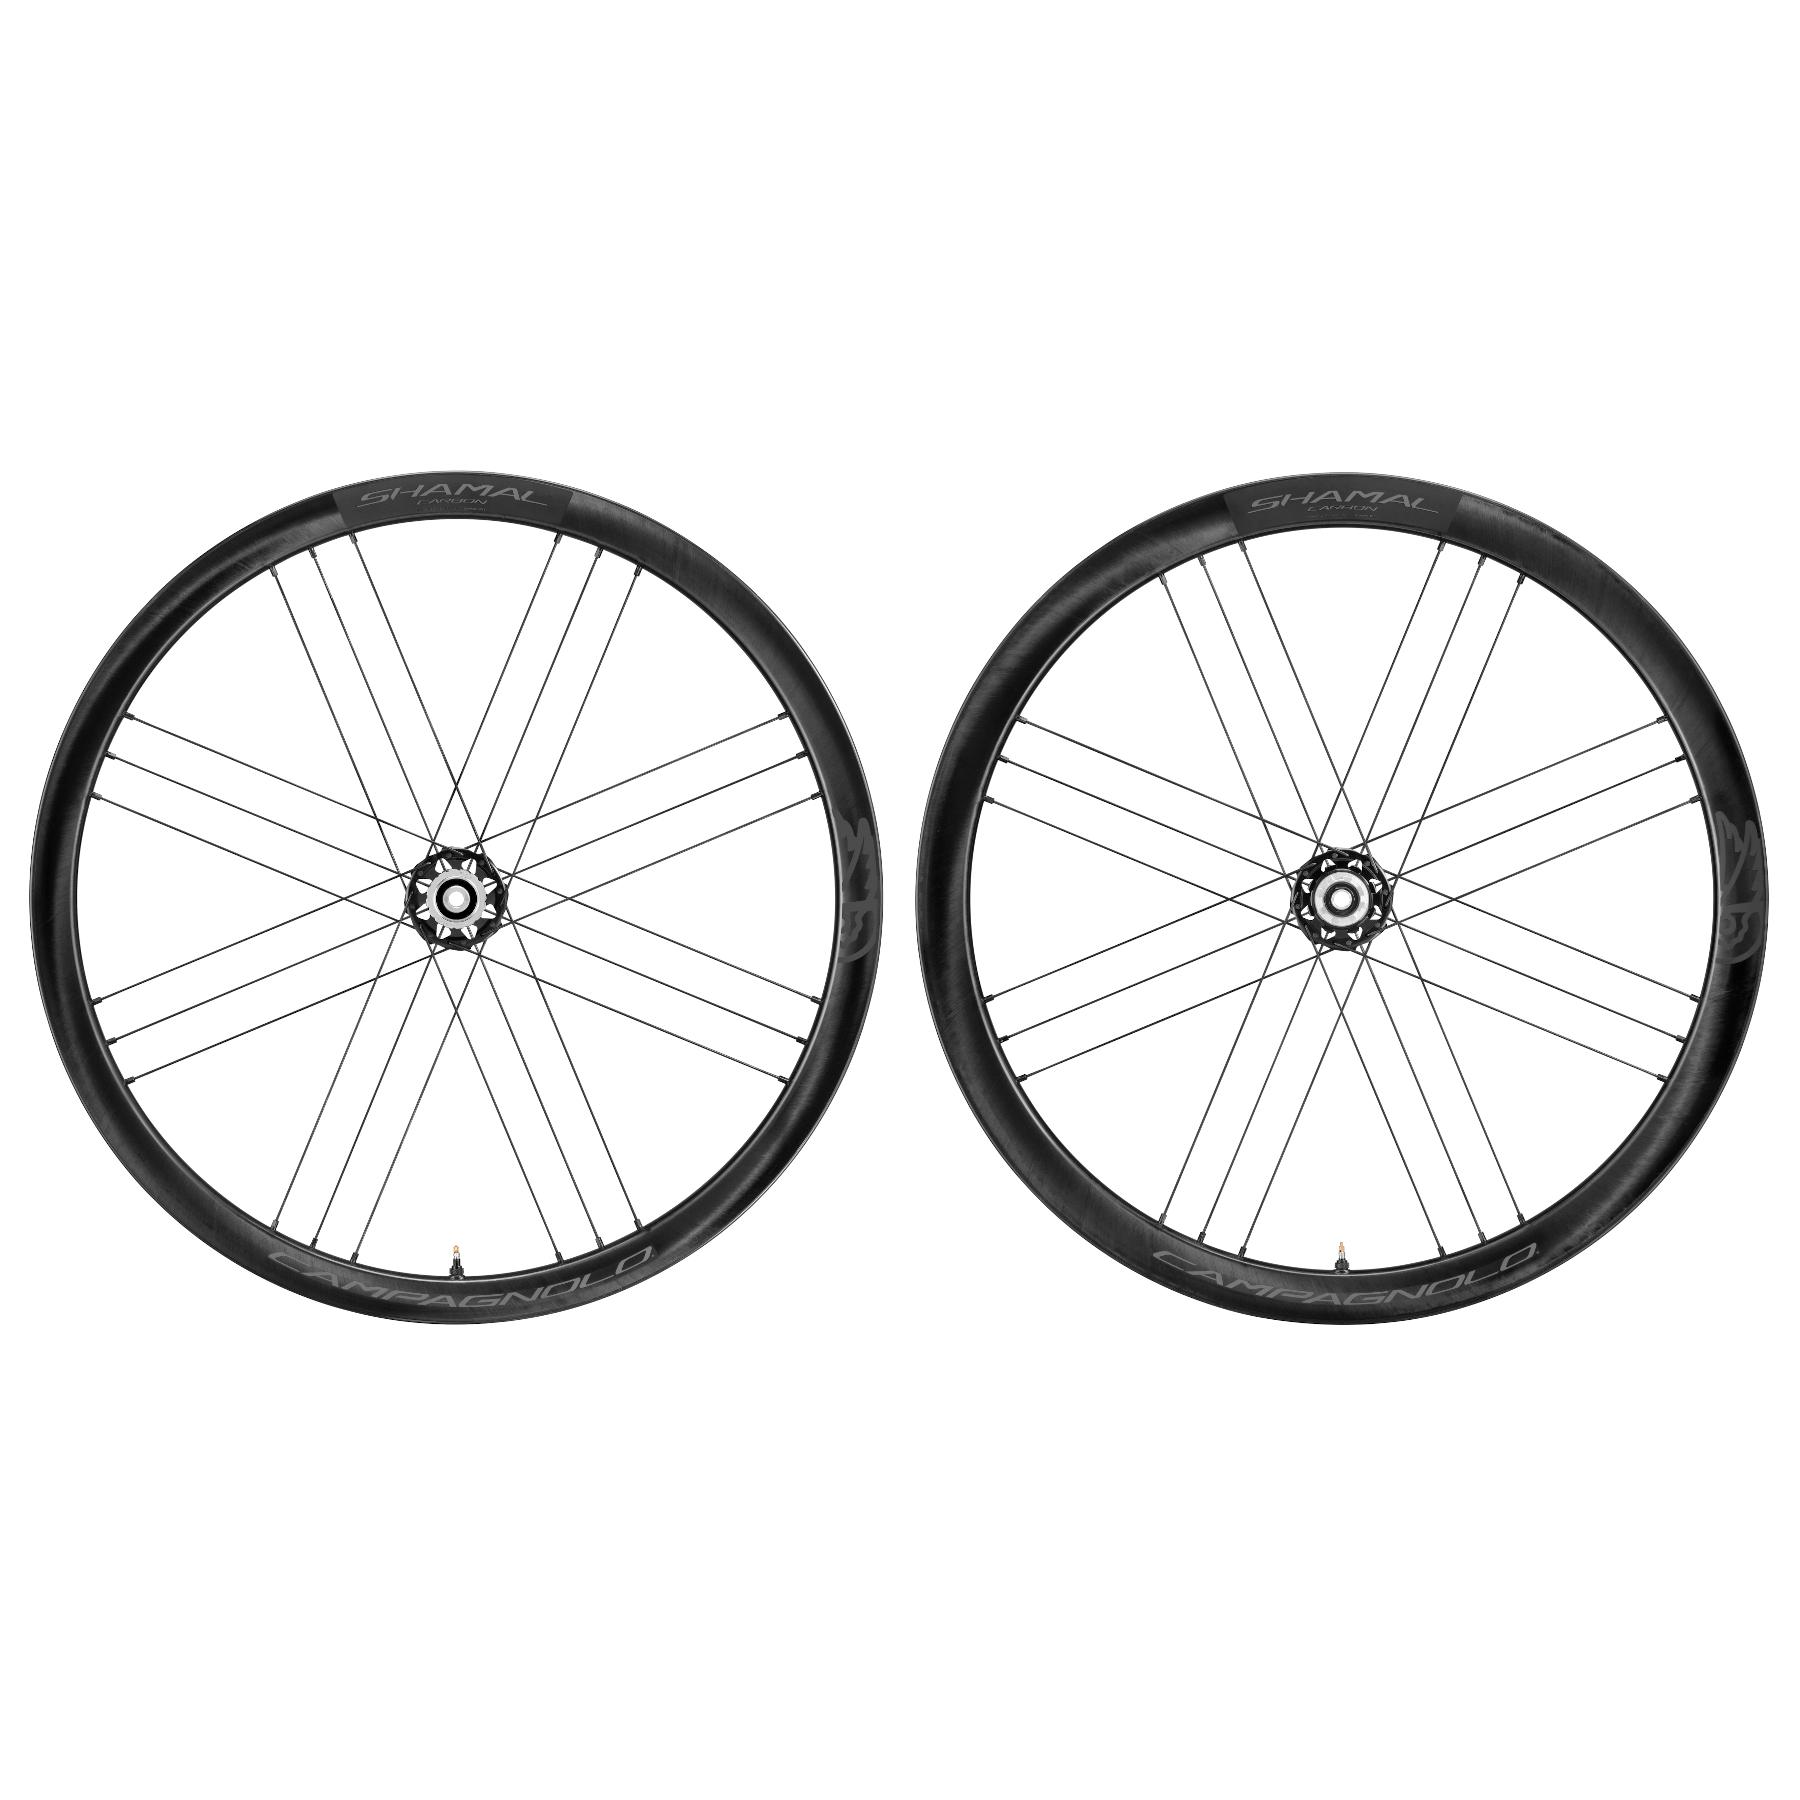 Campagnolo Shamal Carbon C21 DB - 28 Inch Wheelset - 2-Way Fit - AFS - FW: 12x100mm   RW: 12x142mm - Campagnolo N3W